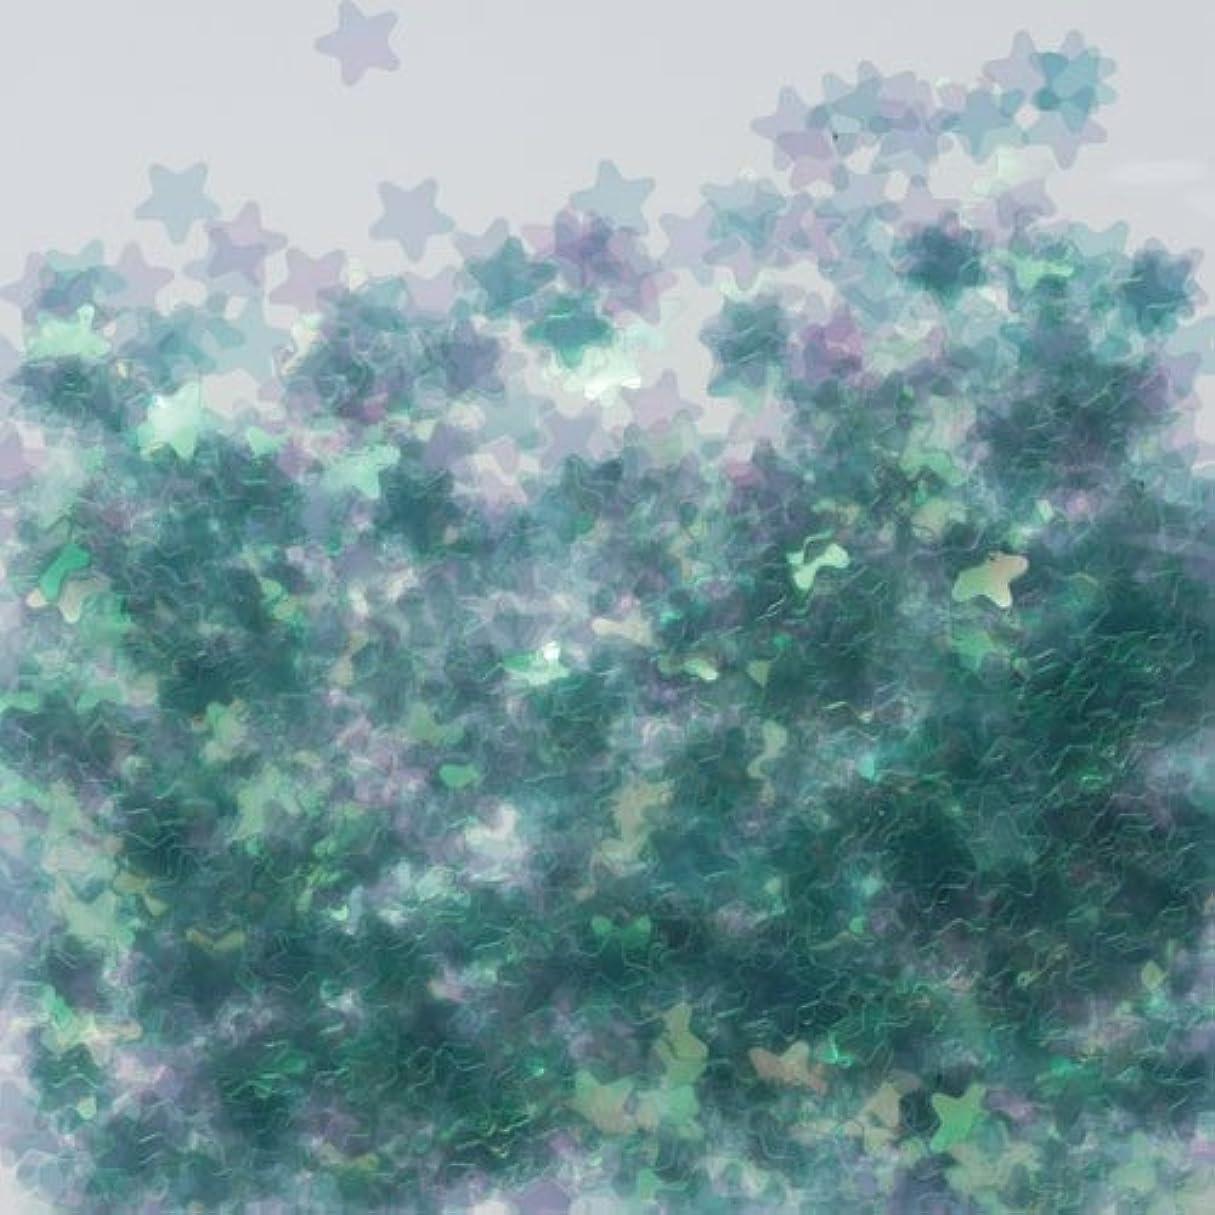 丈夫神聖利益ピカエース ネイル用パウダー 星オーロラ 耐溶剤 #770 グリーン 0.5g